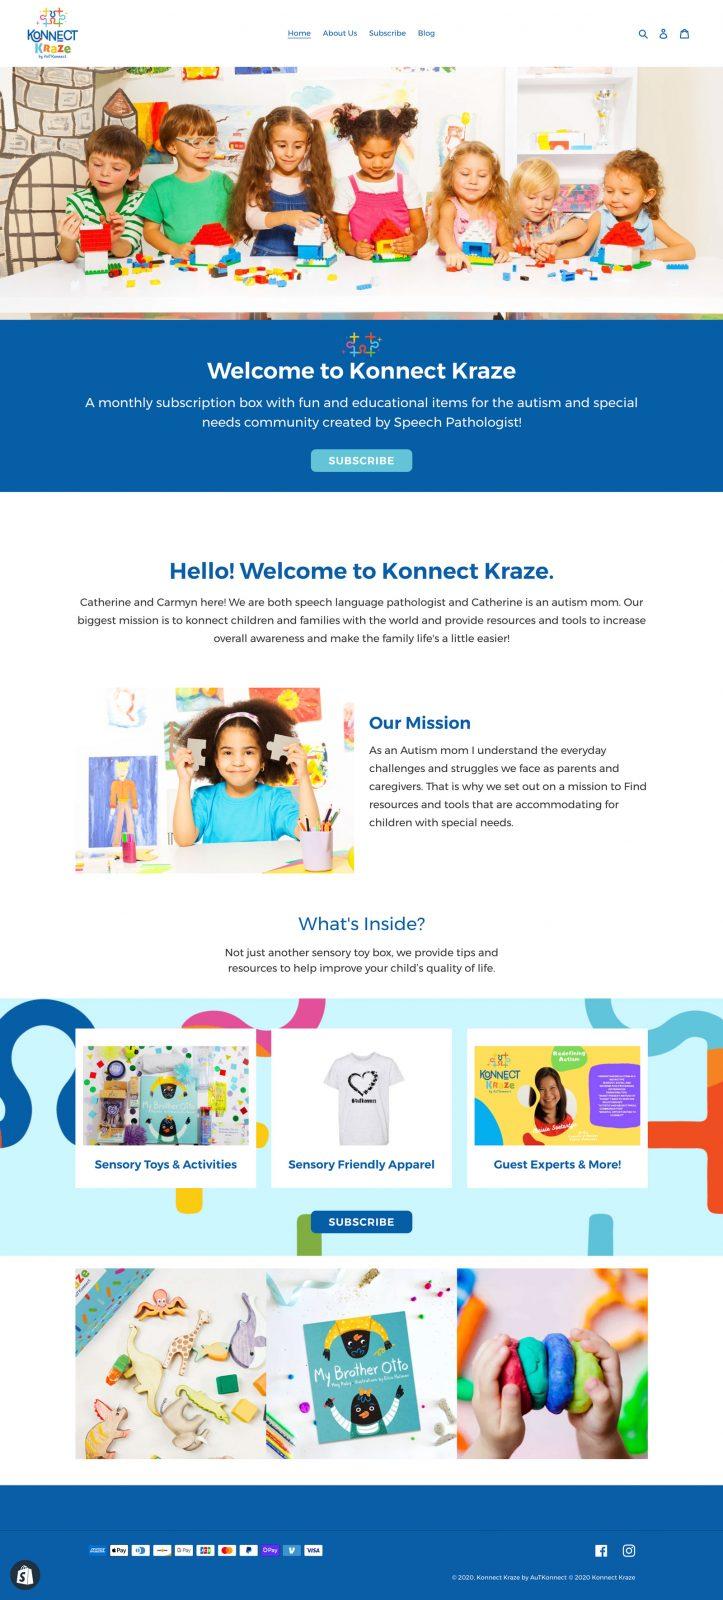 konnect kraze website